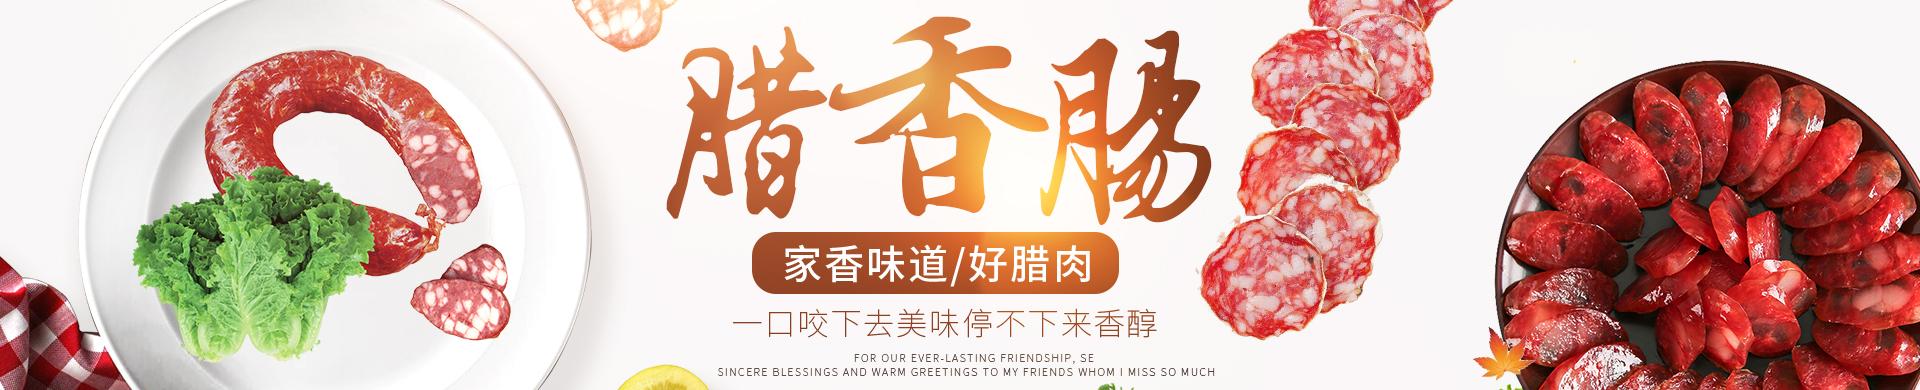 中国香肠交易网